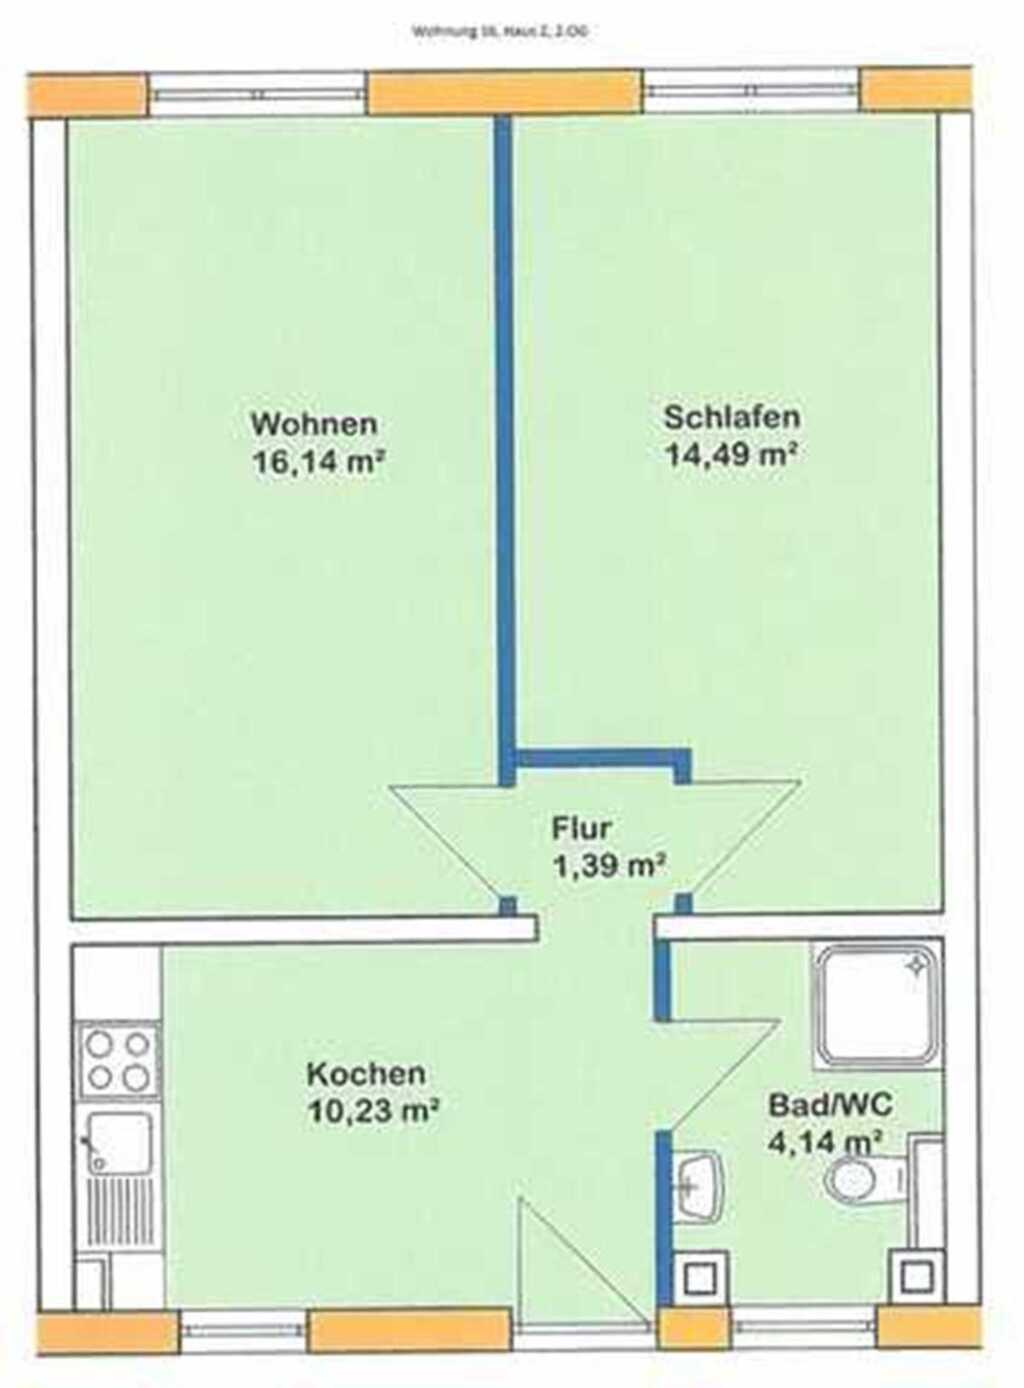 Appartmenthaus TEMA, Wohnung 16 Haus 2